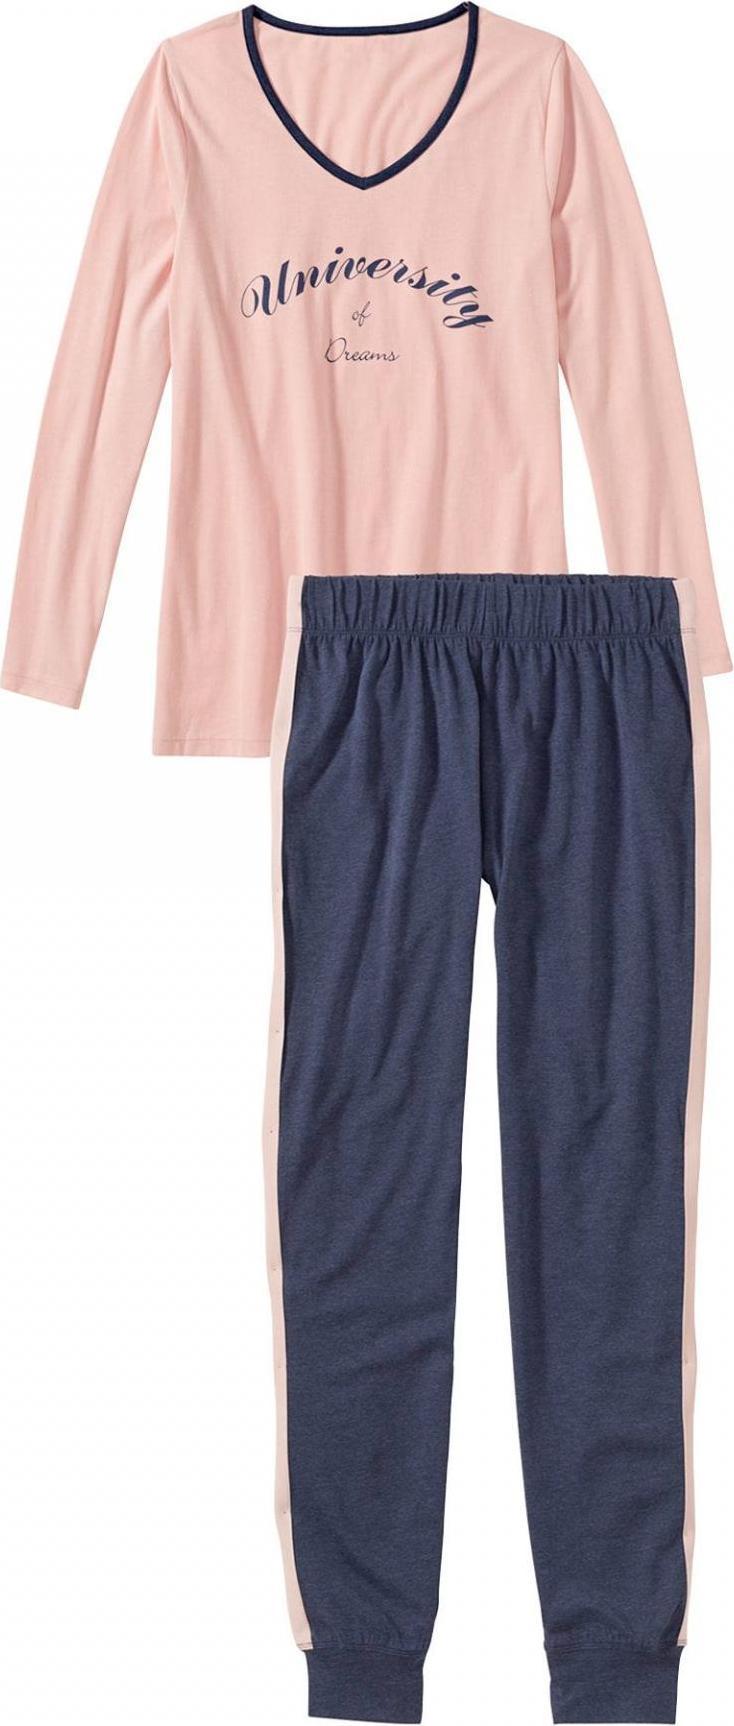 Отзыв на Женская пижама с Контрастные Полосы, 2 шт из Интернет-Магазина NKD